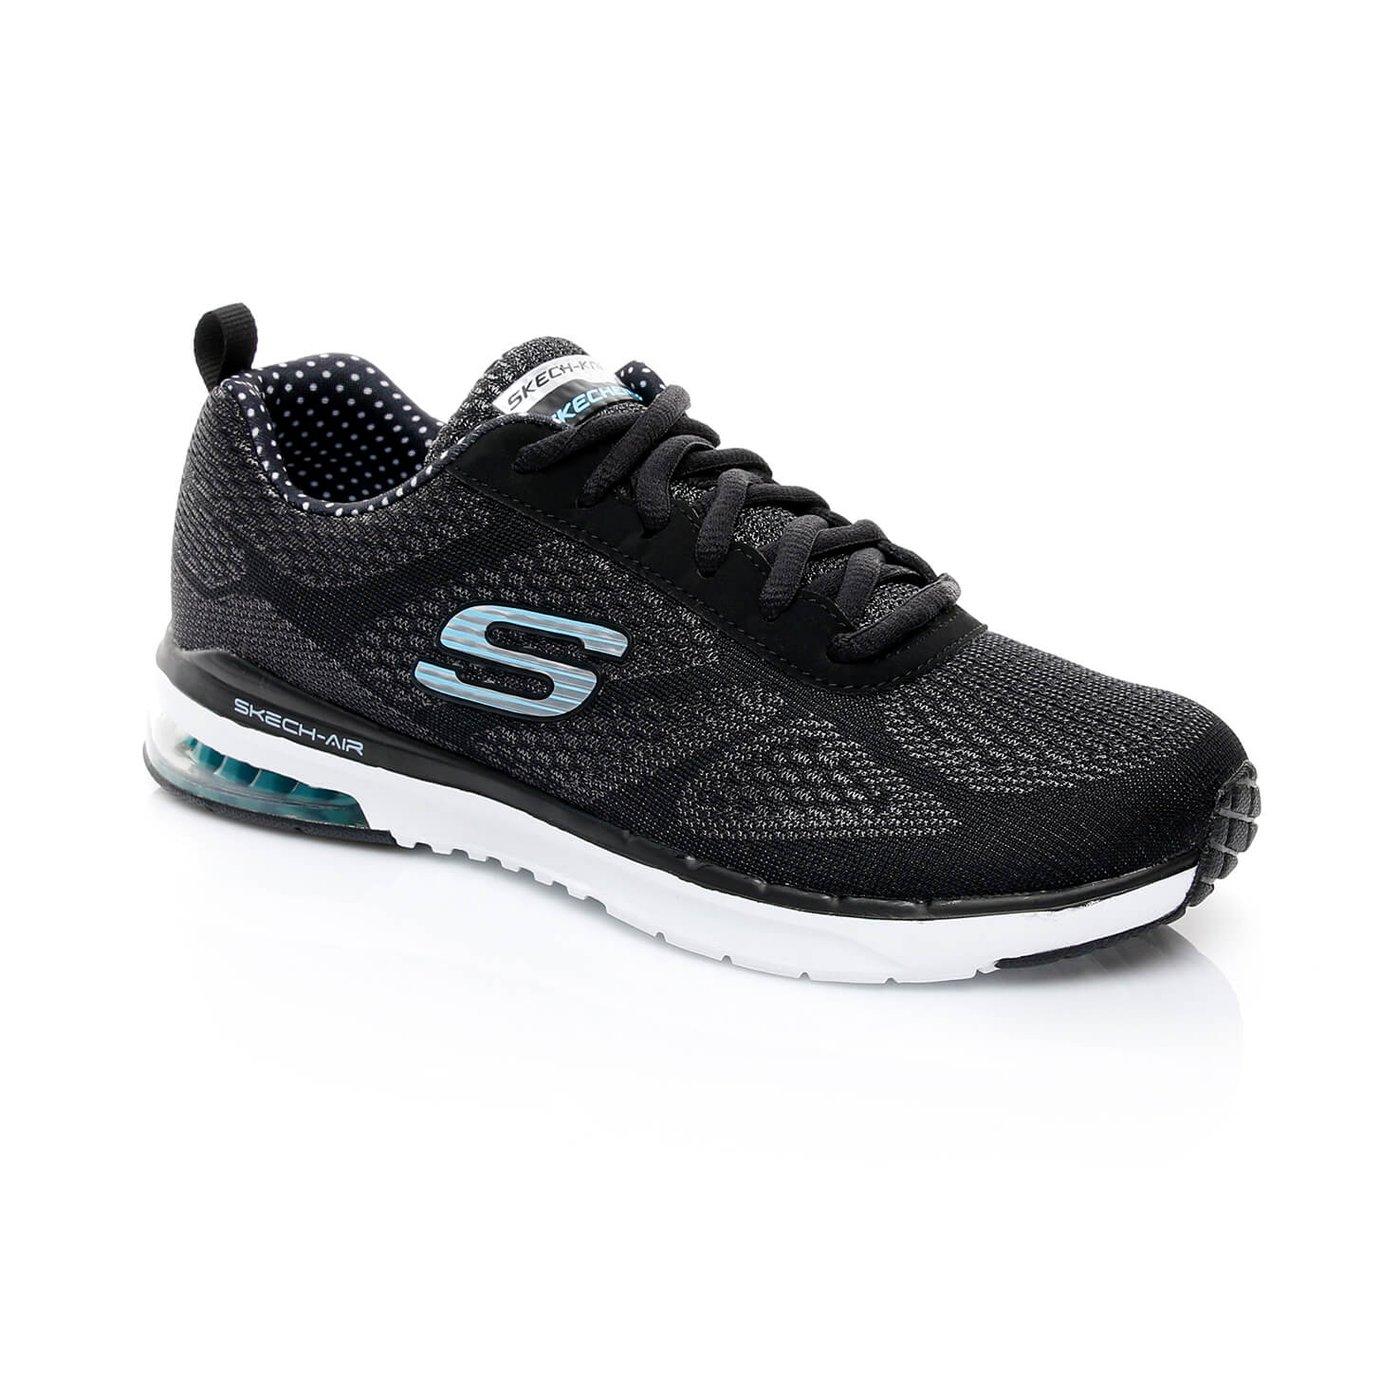 Skechers Skech-Air Infinity Kadın Siyah Spor Ayakkabı